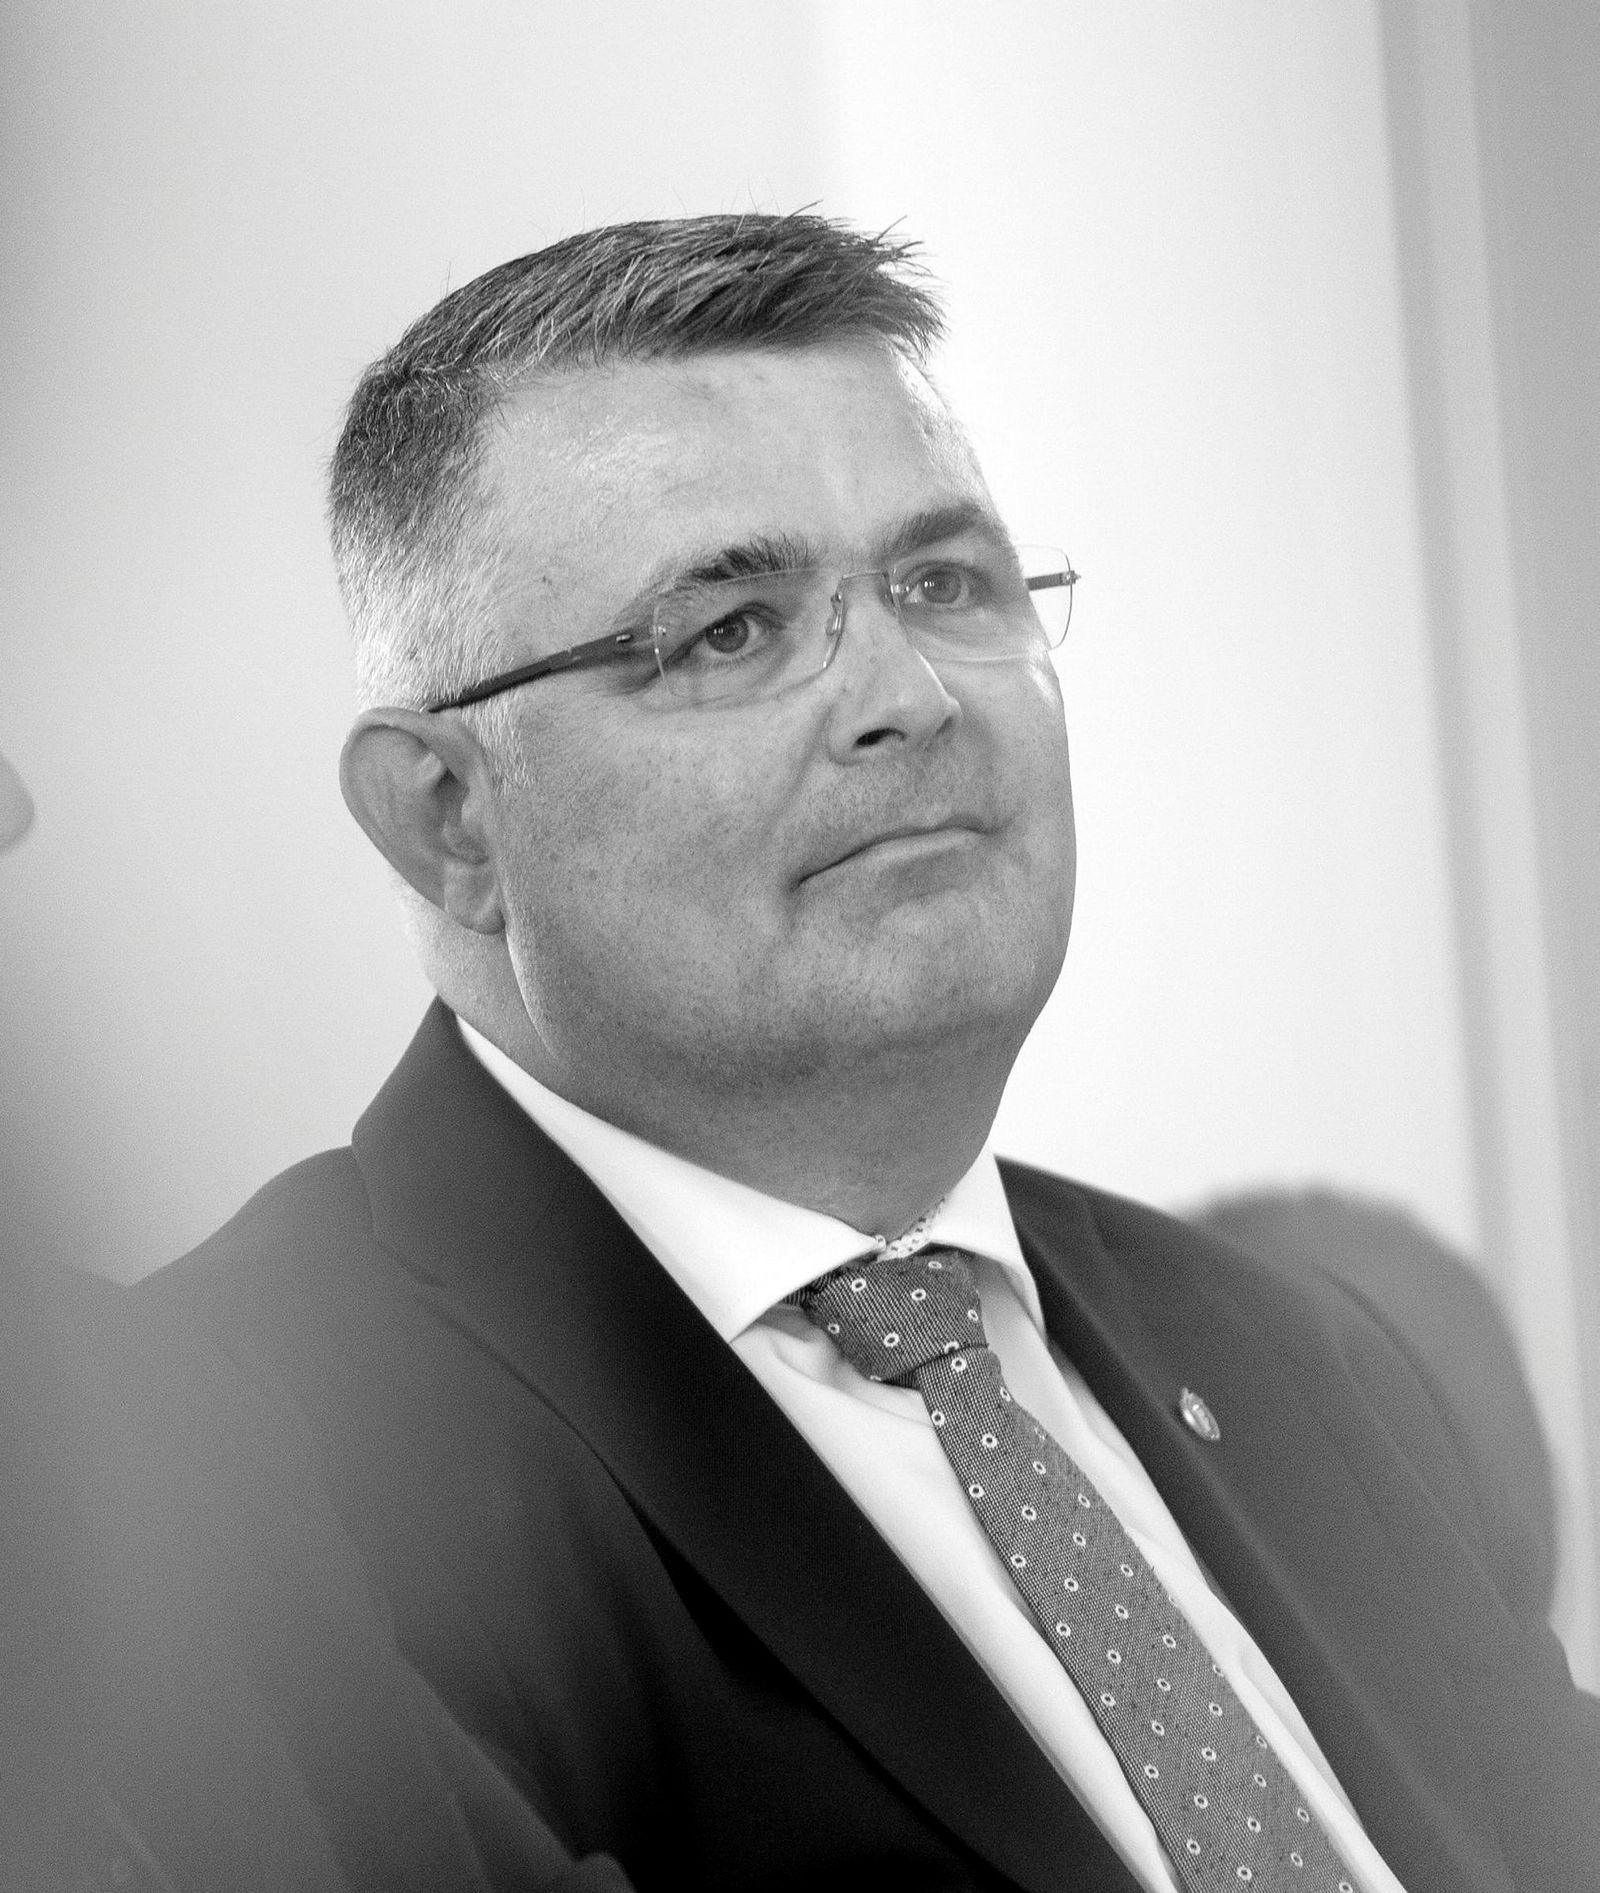 Kjell-Børge Freiberg